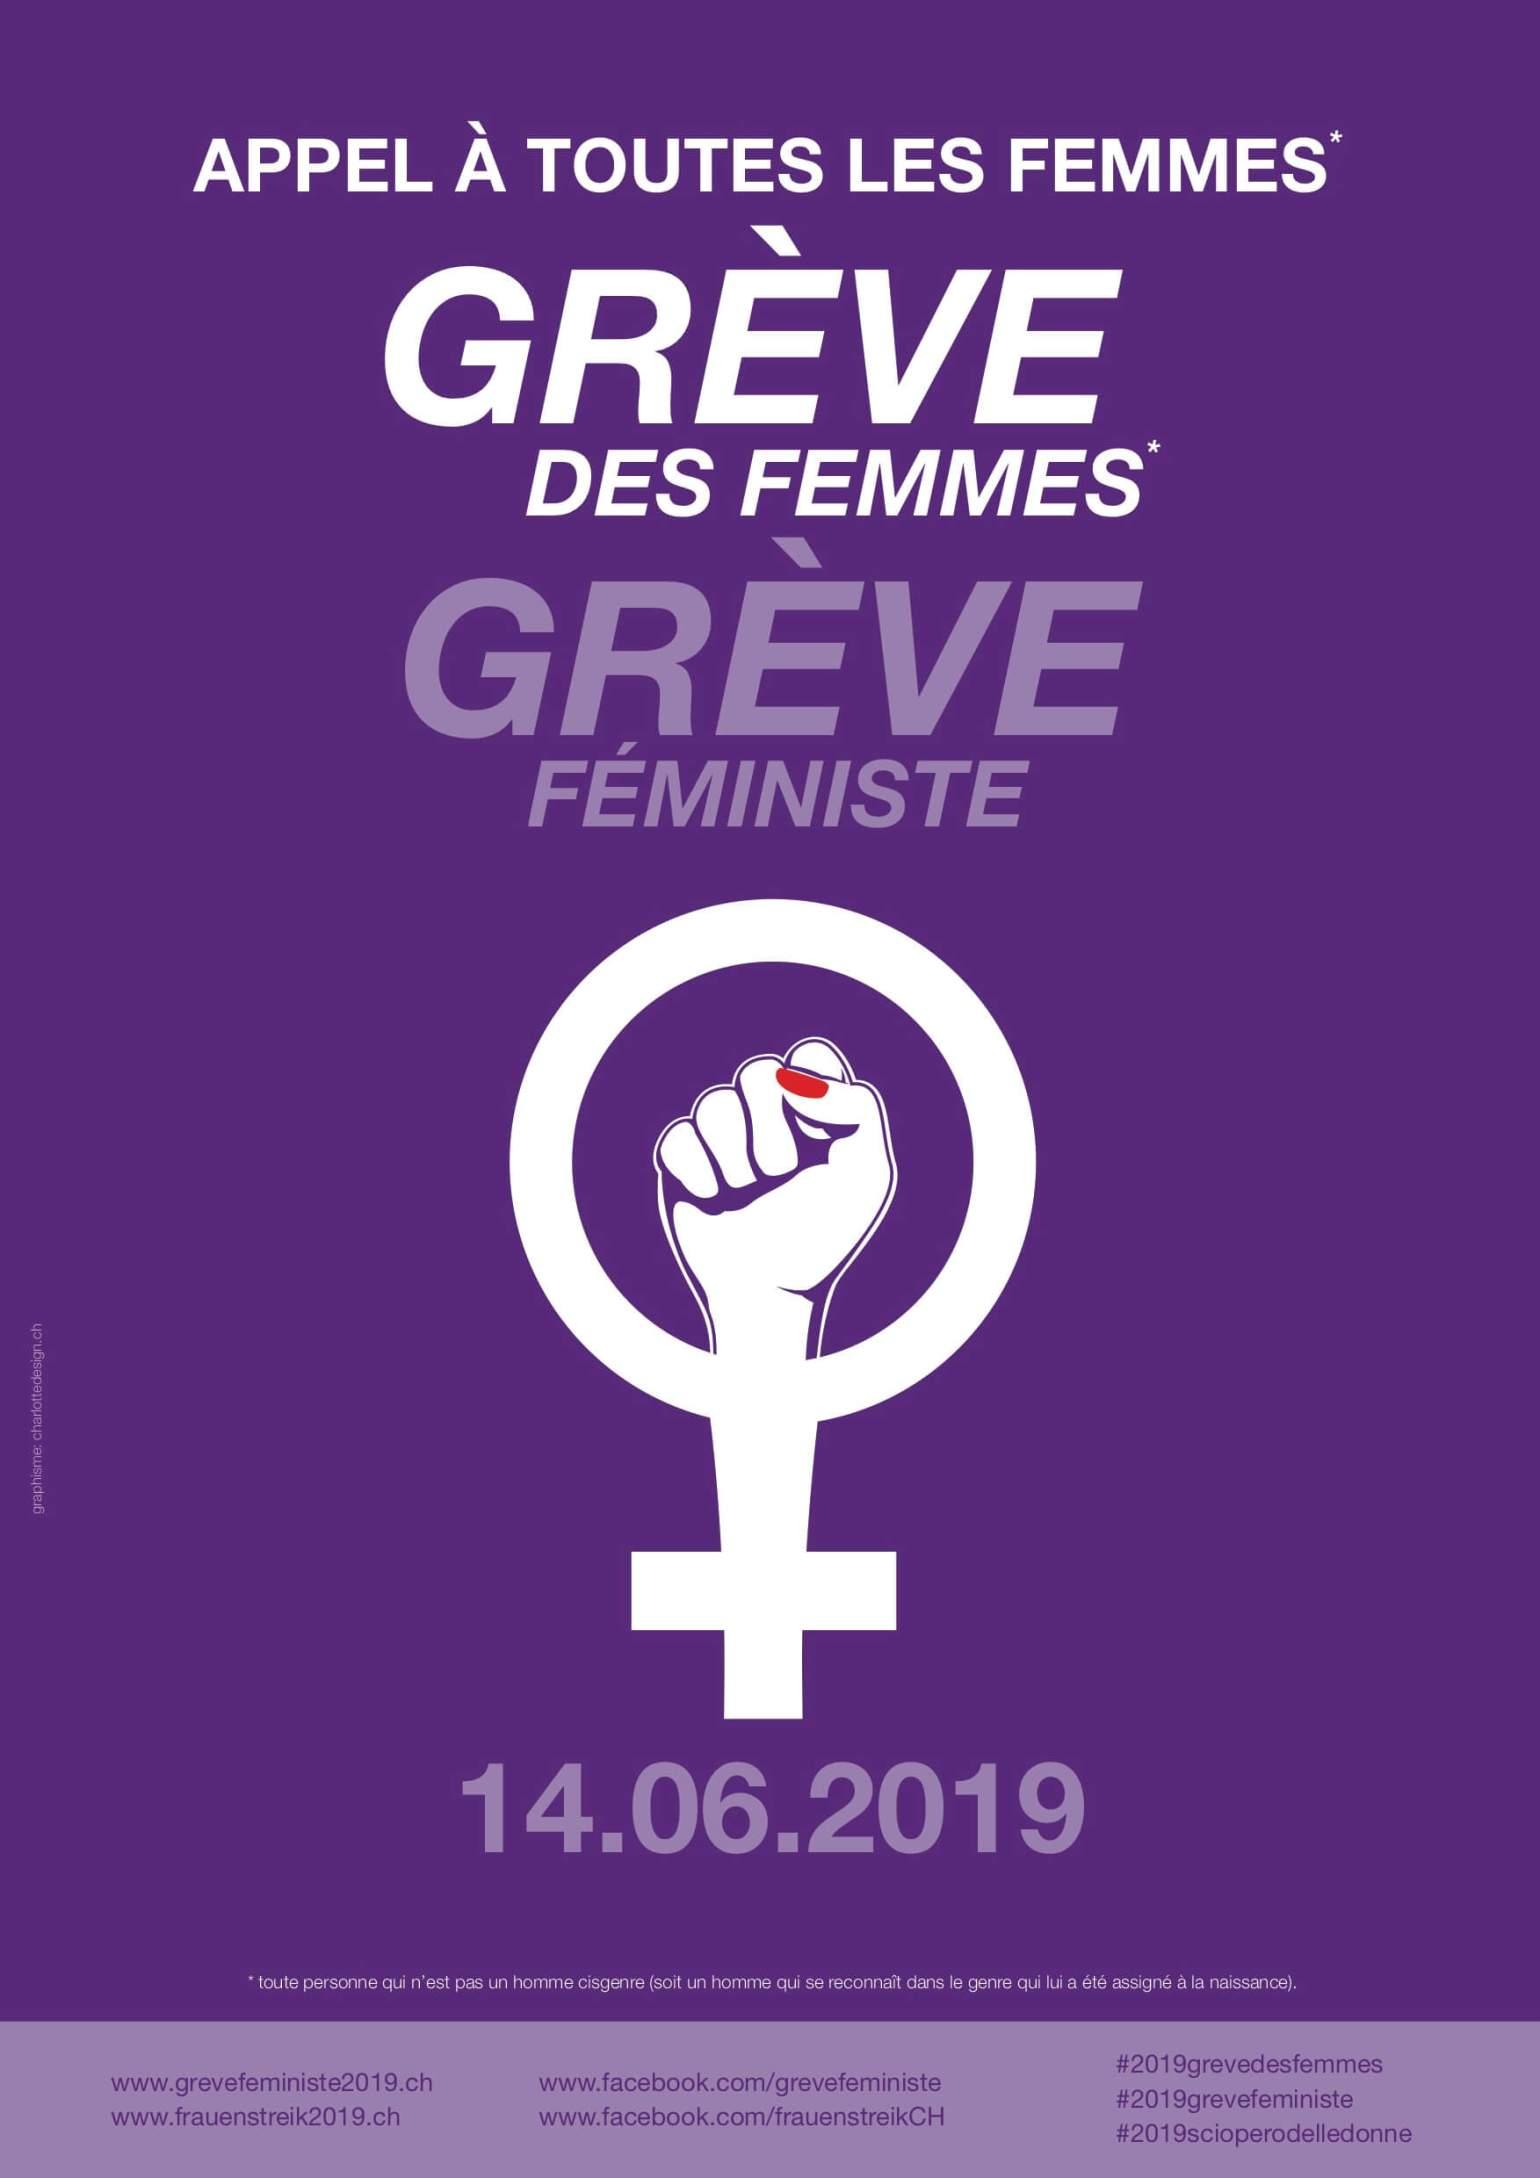 Affiche_greve_feministe_2019_FR_A3 (1)